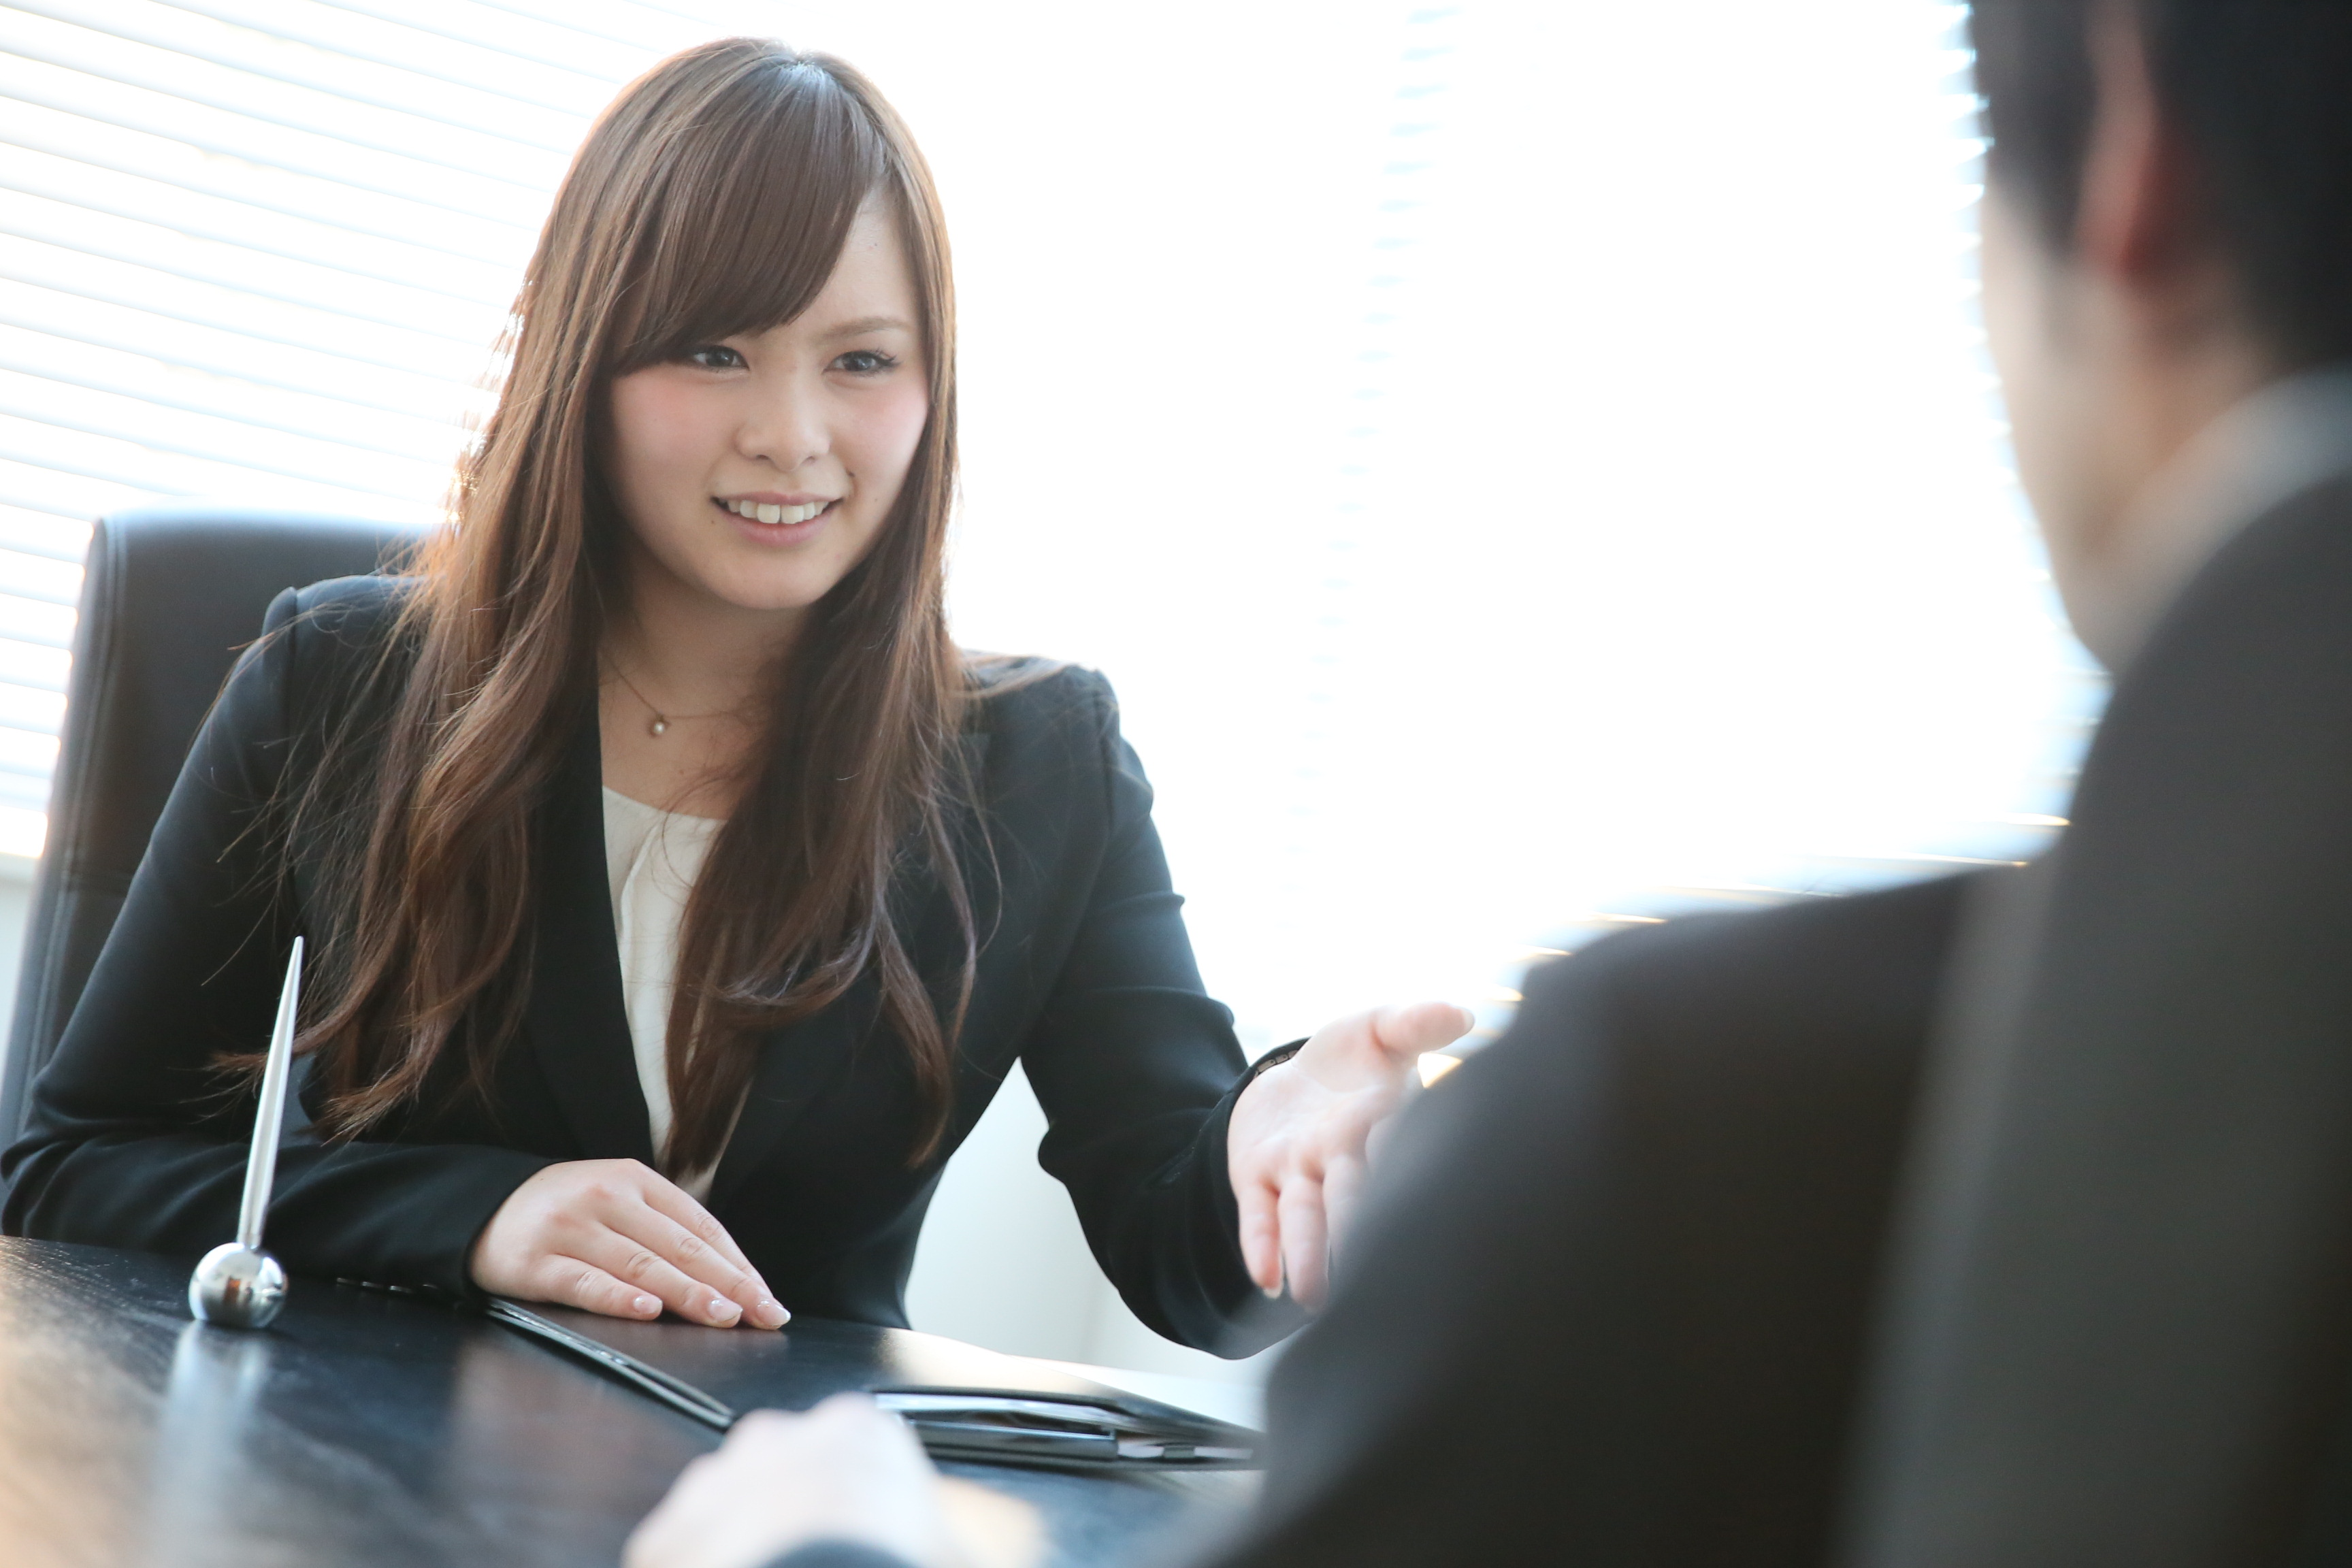 留学支援の株式会社留学情報館と株式会社ワークポートが業務提携。英語とITを海外で学んだ「帰国留学生のキャリア支援サービス」を開始。